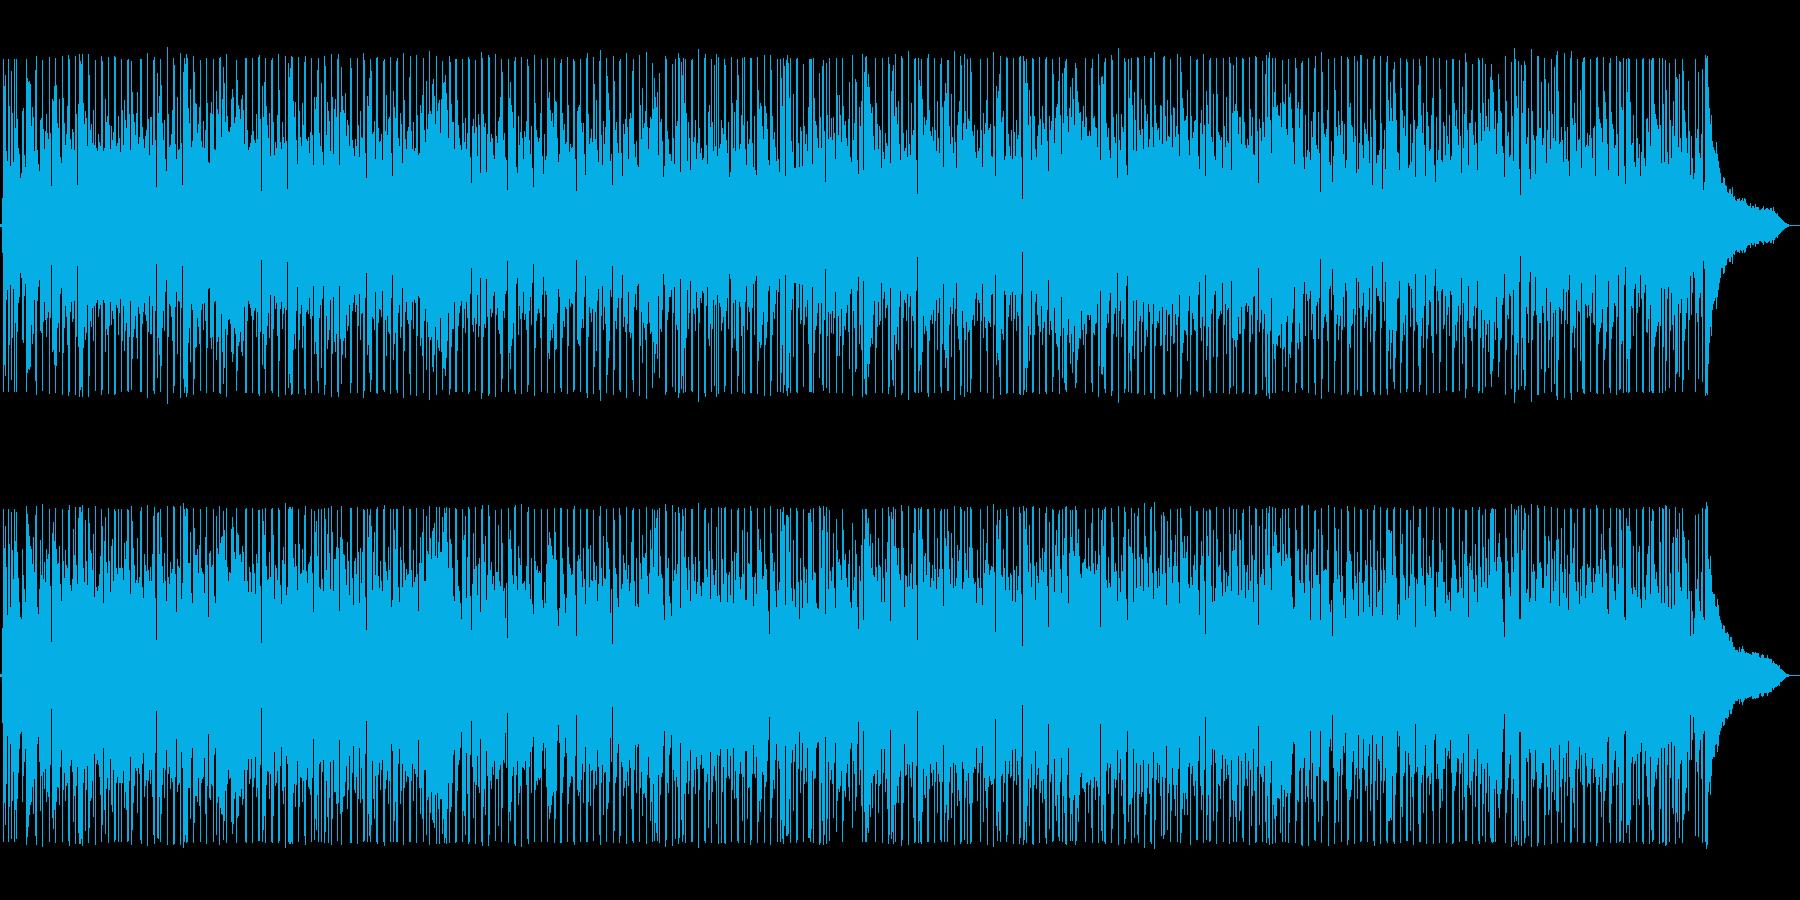 ノリノリ爽やか80年代シティダンスポップの再生済みの波形